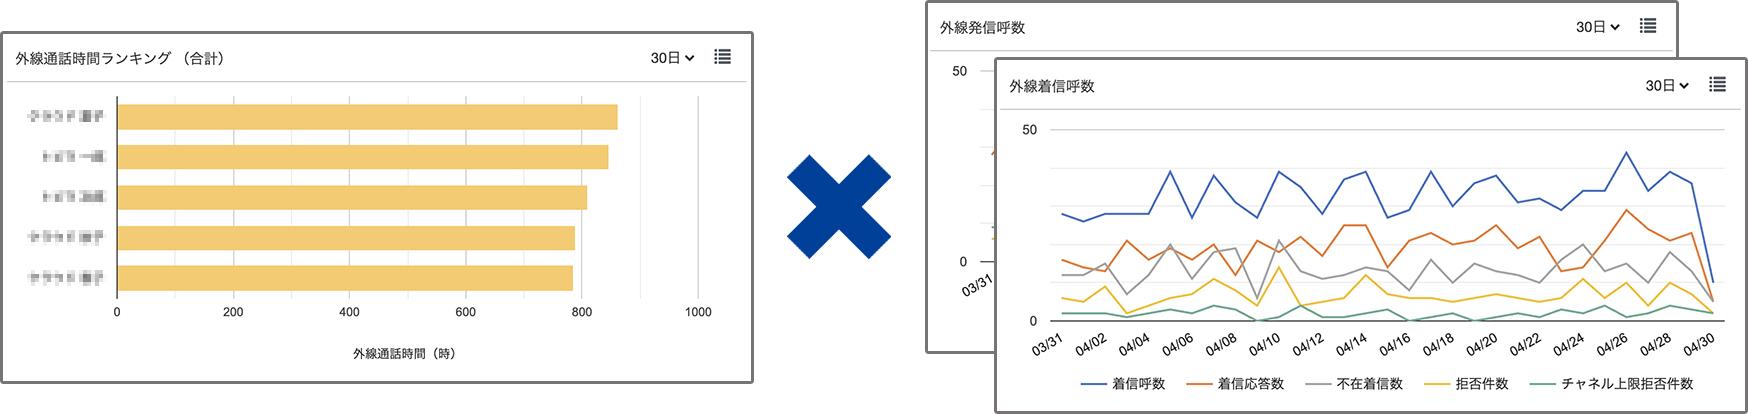 5「外線通話時間ランキング」×「外線着信呼数・外線発信呼数」